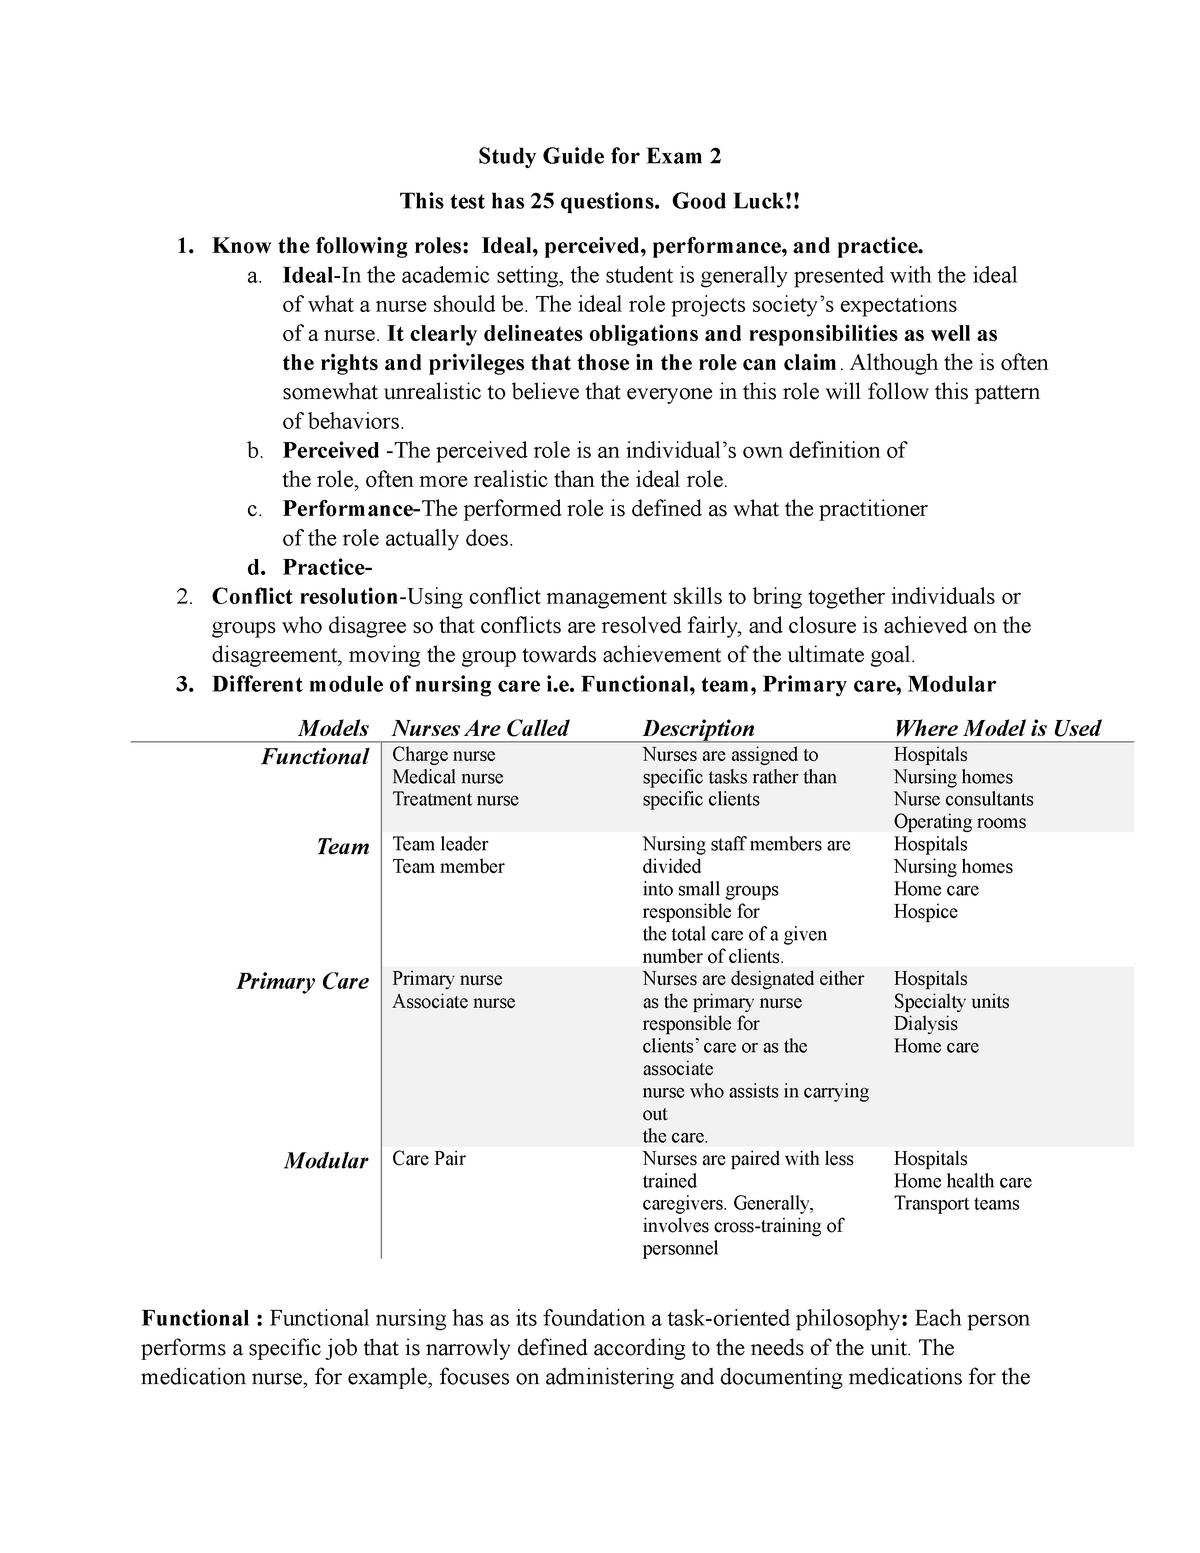 Study Guide for Exam 2 - NURS 315 Concepts Of Nursing - StuDocu